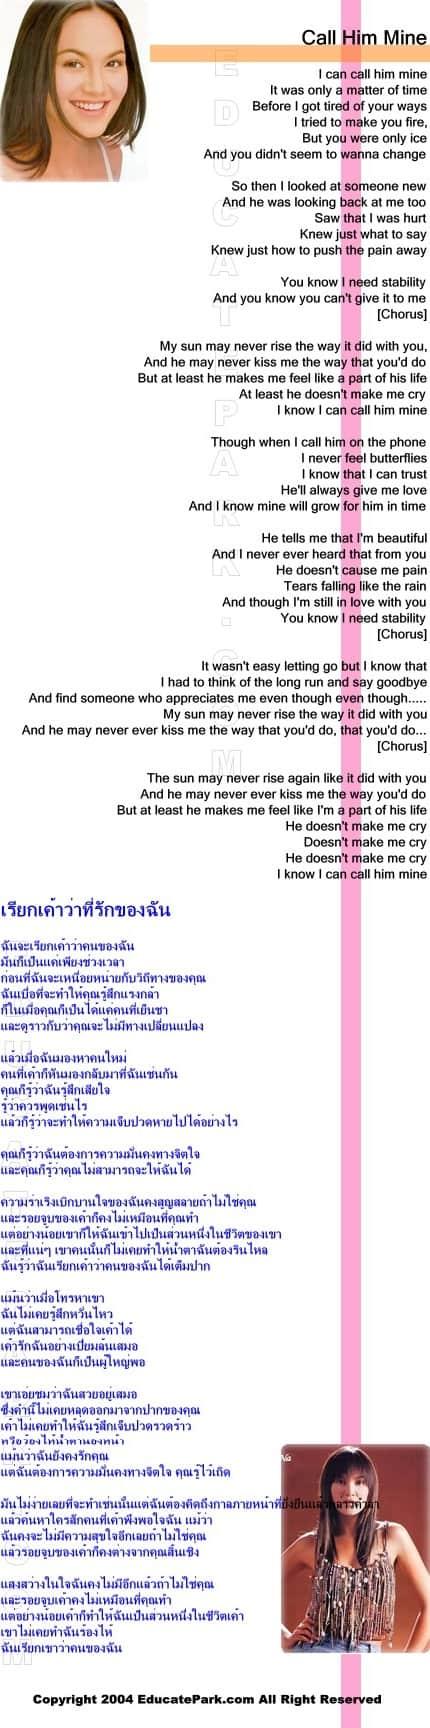 แปลเพลง Call Him Mine - Tata Young